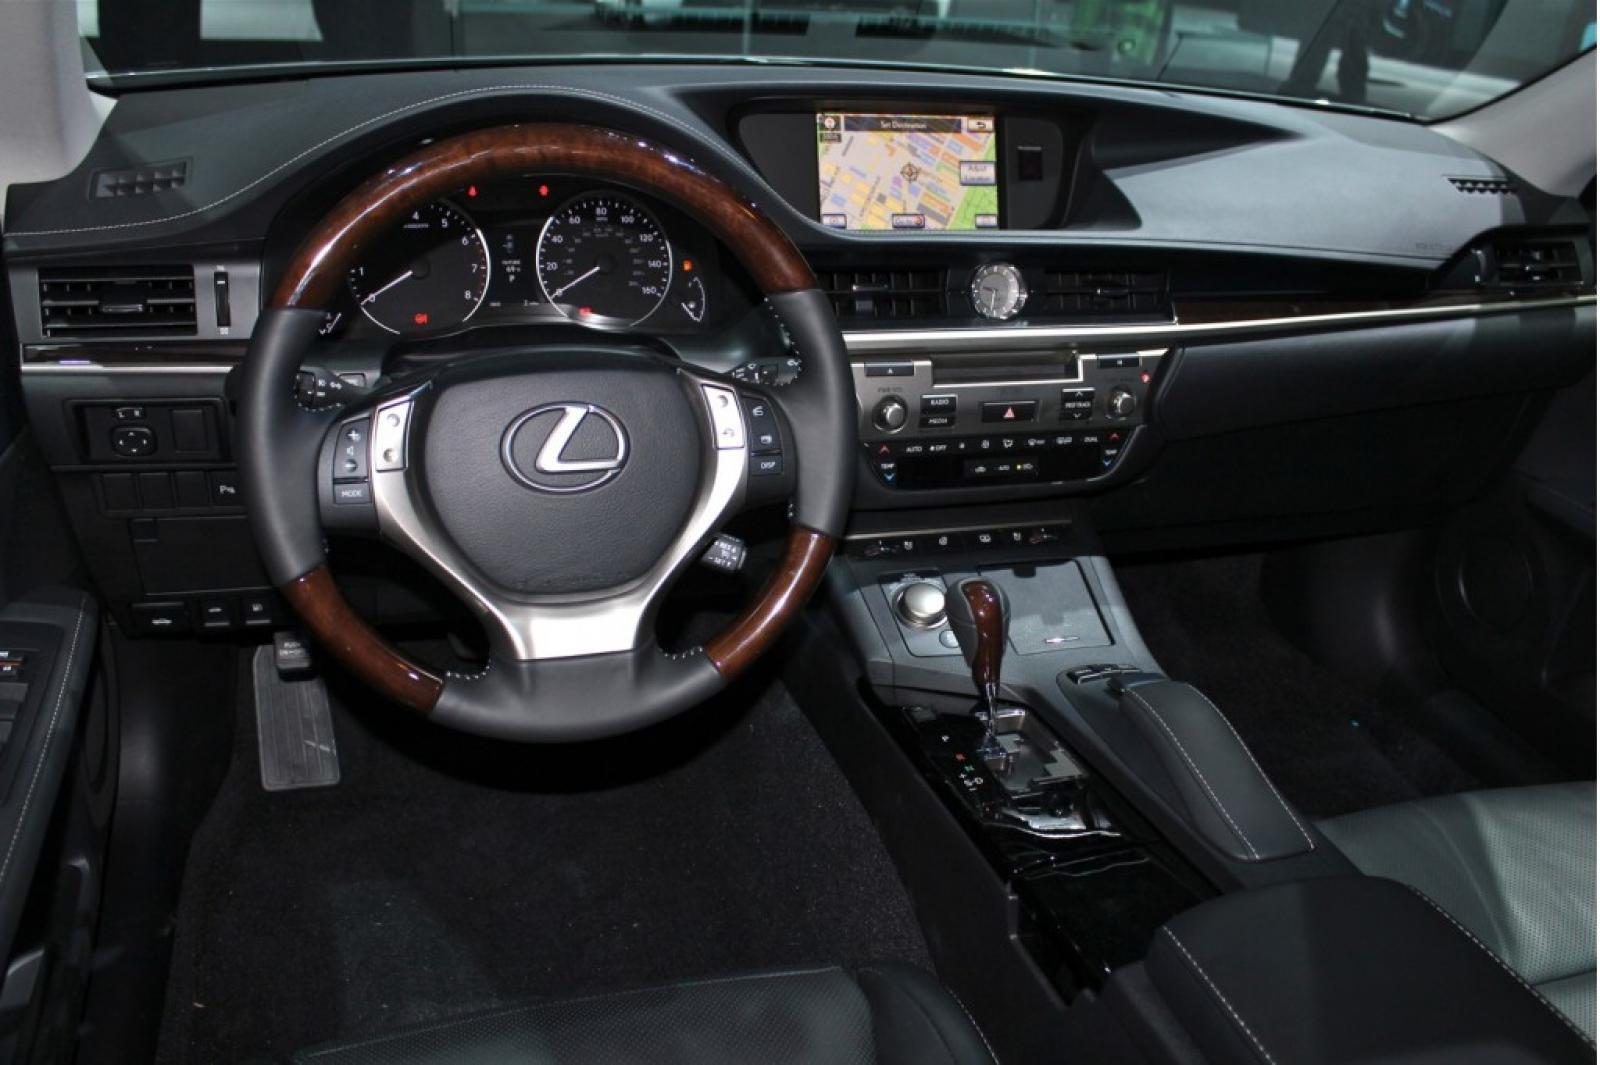 Great 2013 Lexus ES 350 #1 800 1024 1280 1600 Origin